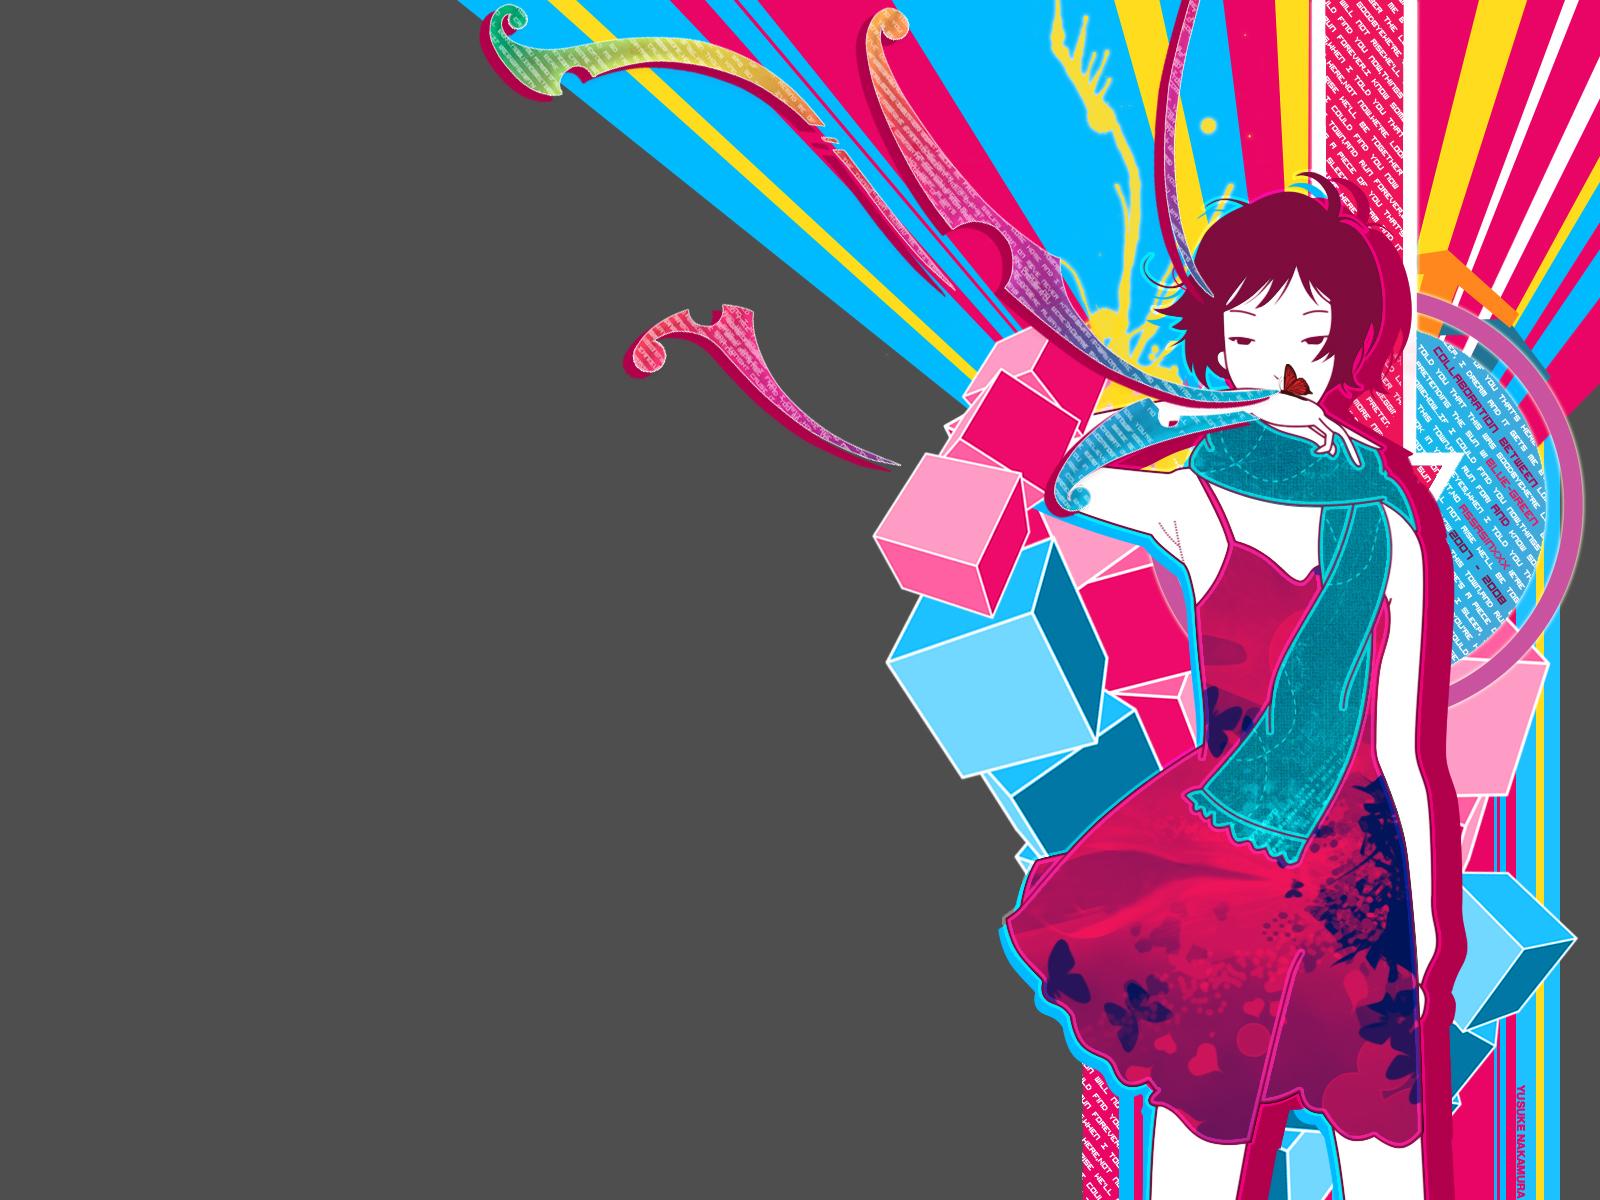 Yusuke Nakamura Wallpaper And Scan Gallery Minitokyo